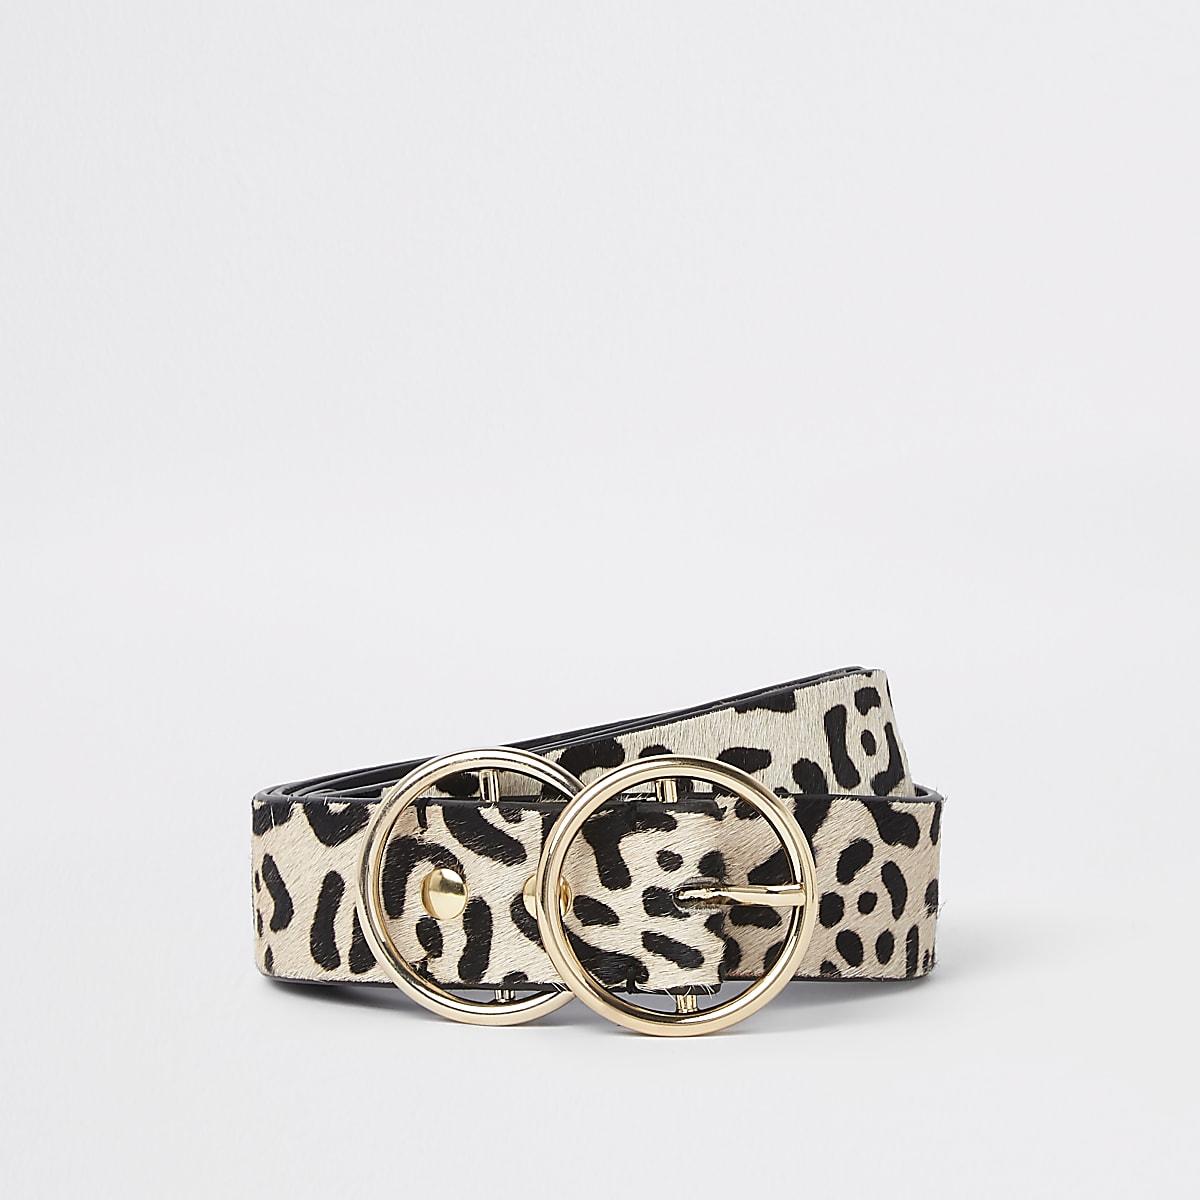 Witte riem met luipaardprint, dubbele ring en gesp